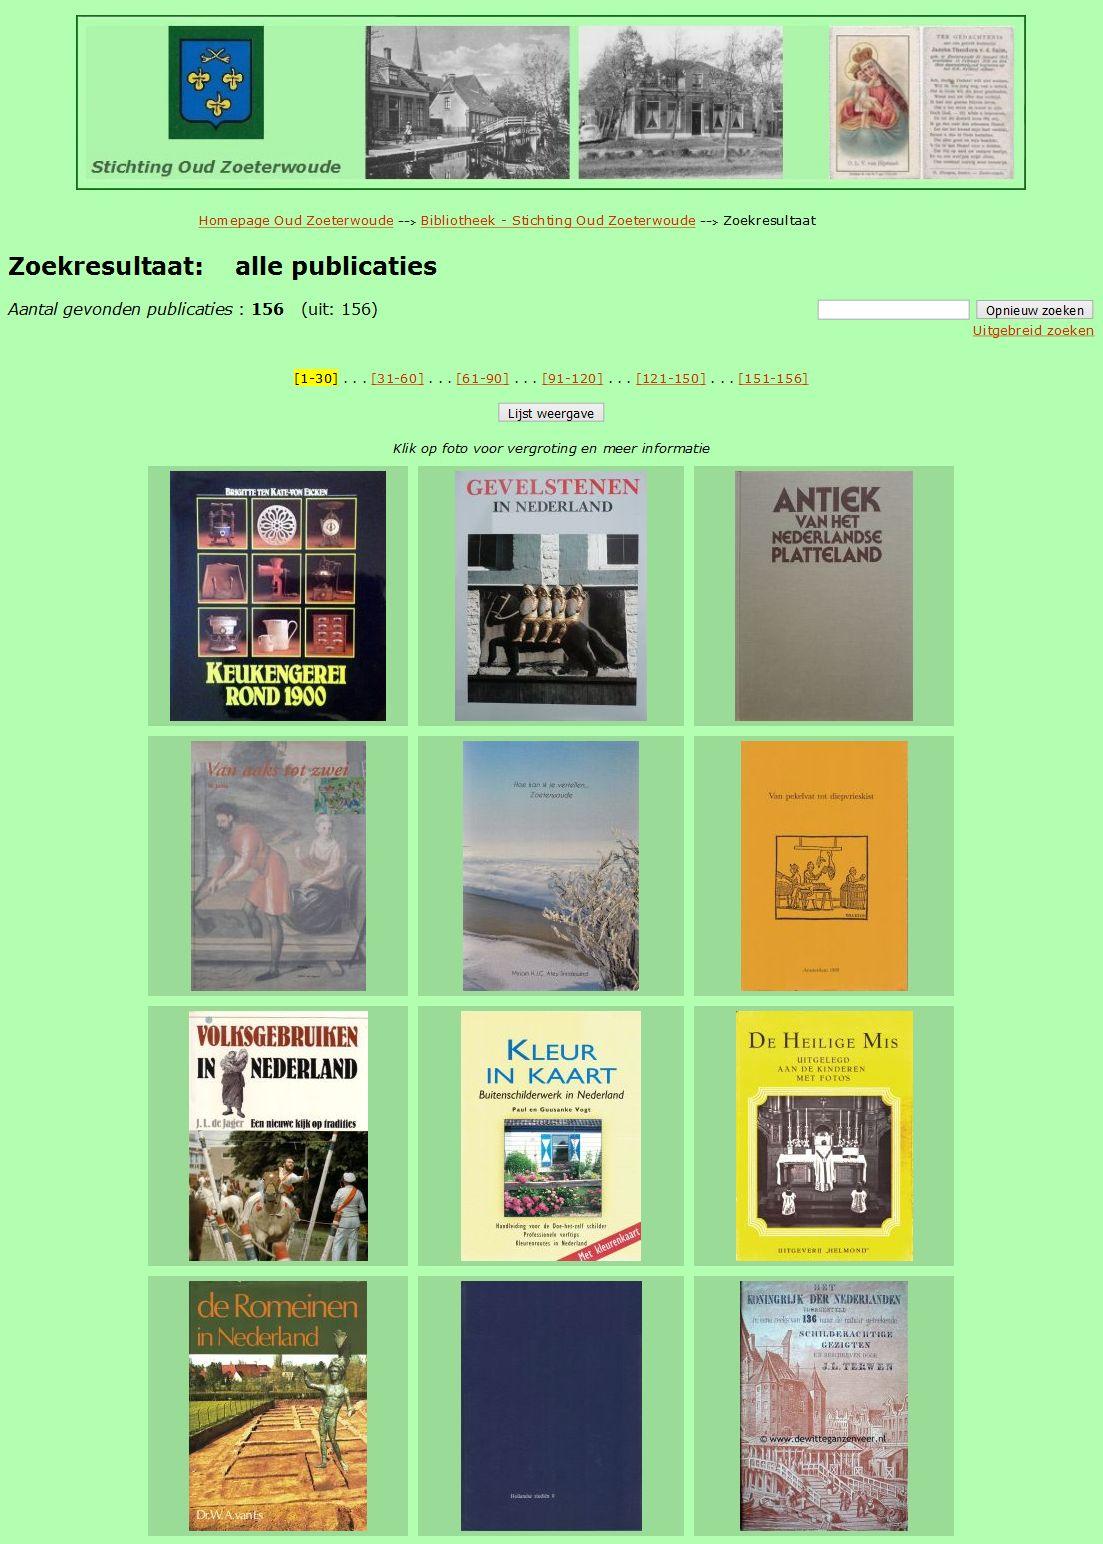 bibliotheek-collectie